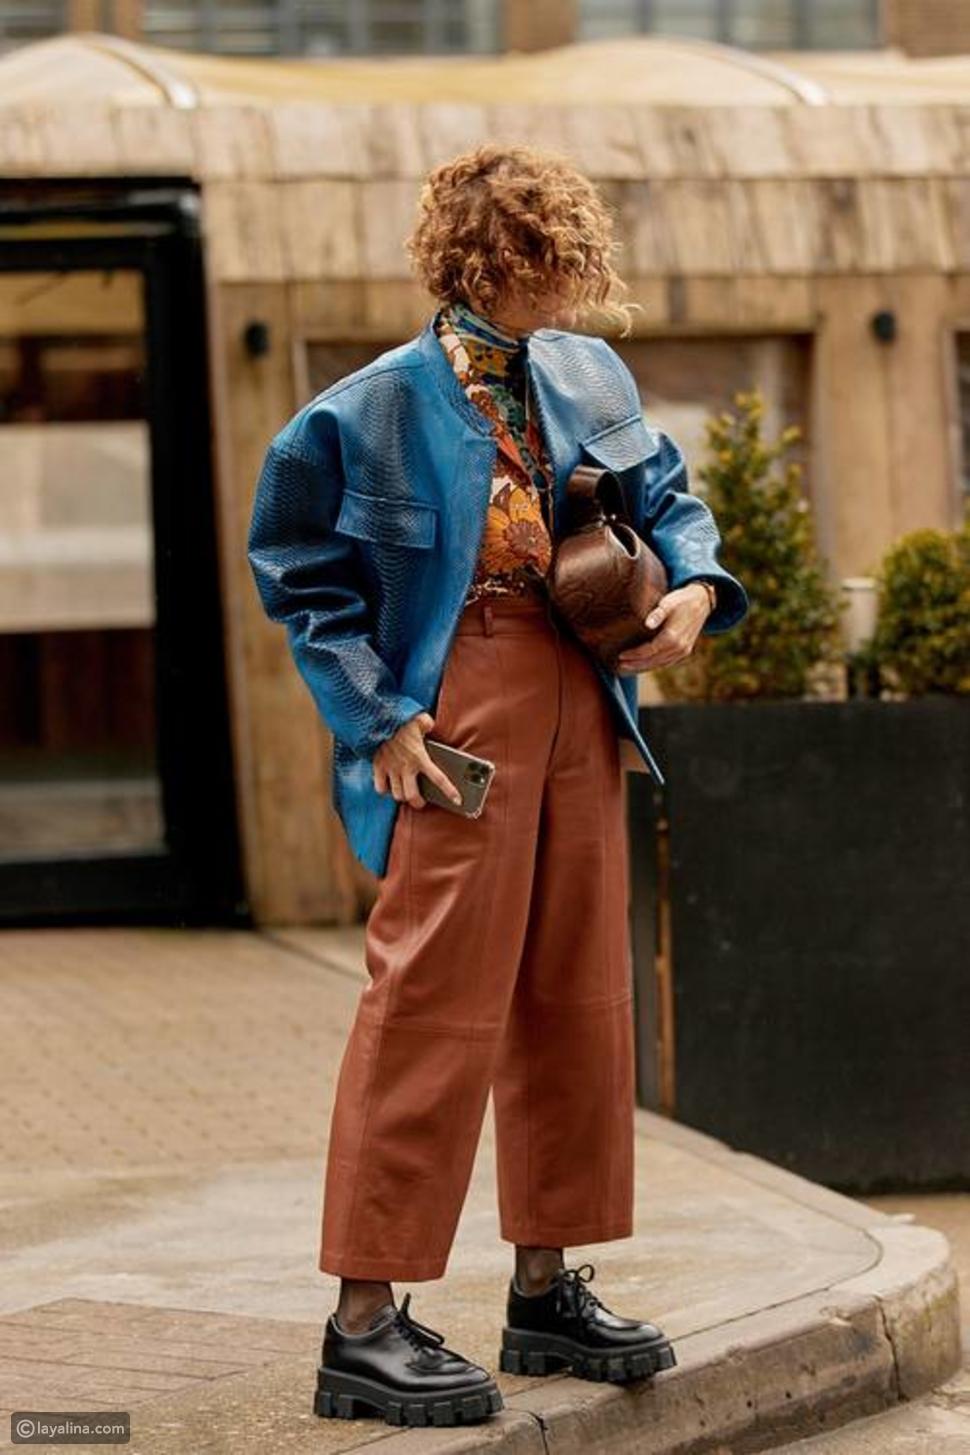 7 قطع أساسية انتشرت في شوارع لندن خلال أسبوع الموضة